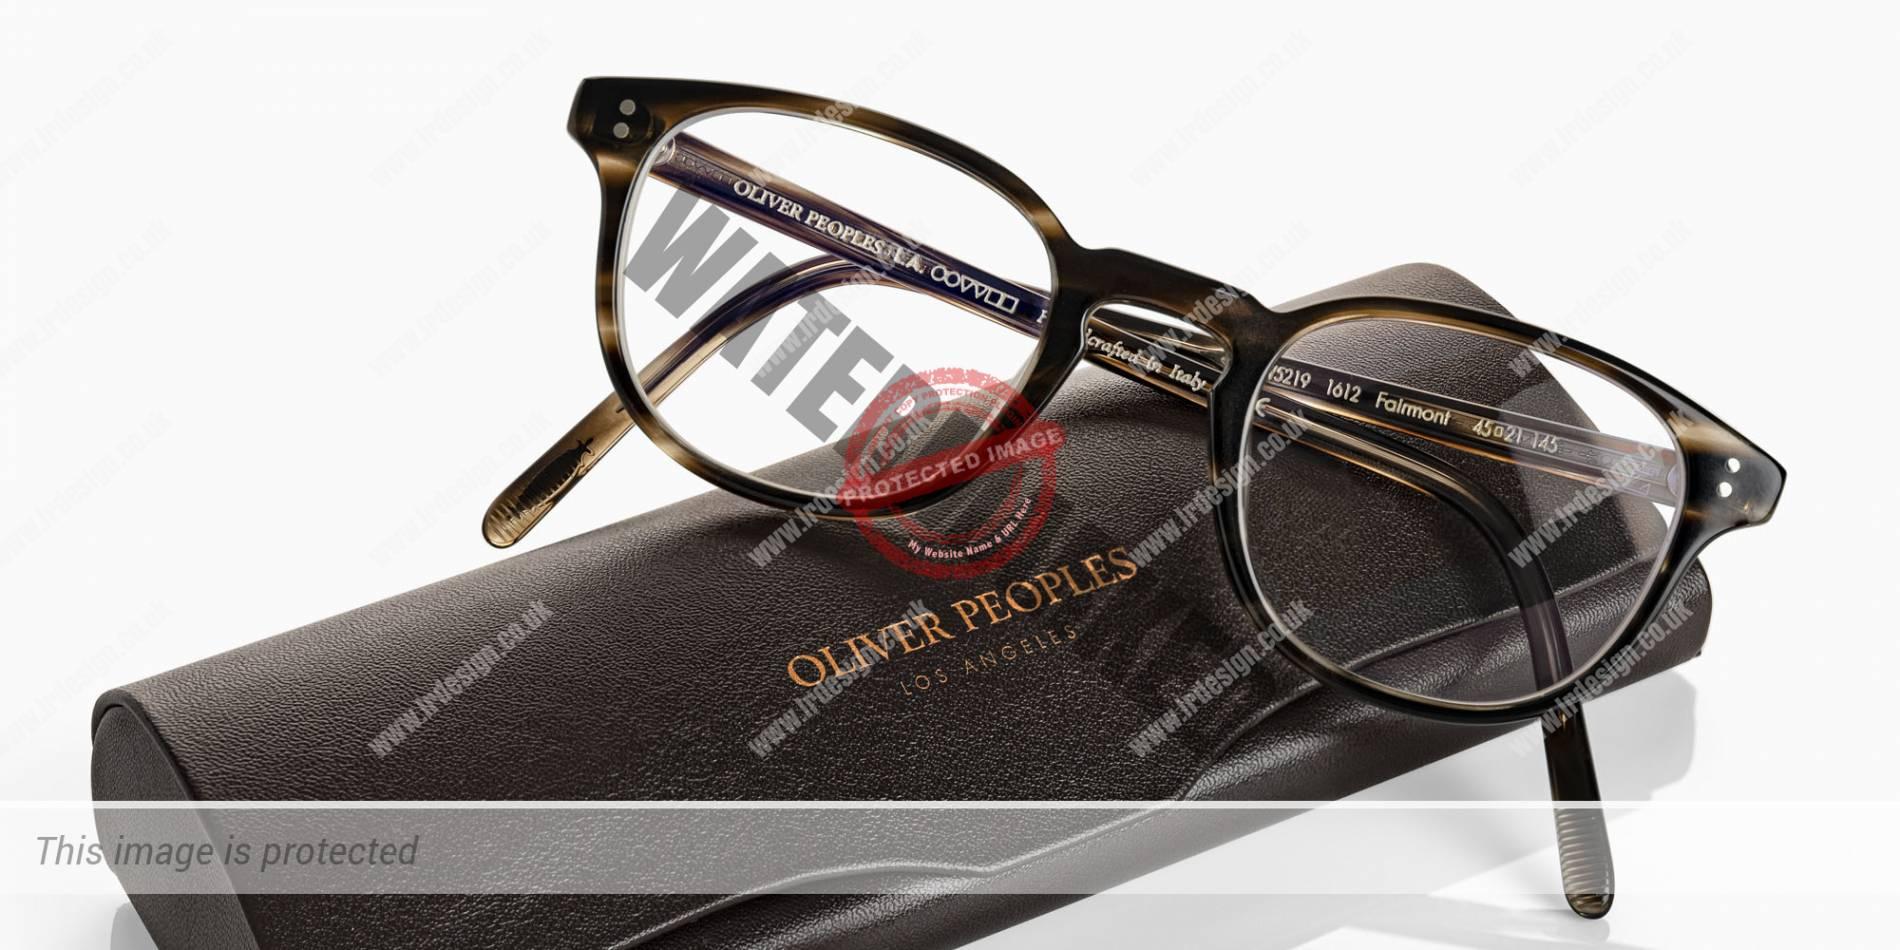 Oliver Peoples designer glasses, case and glasses.